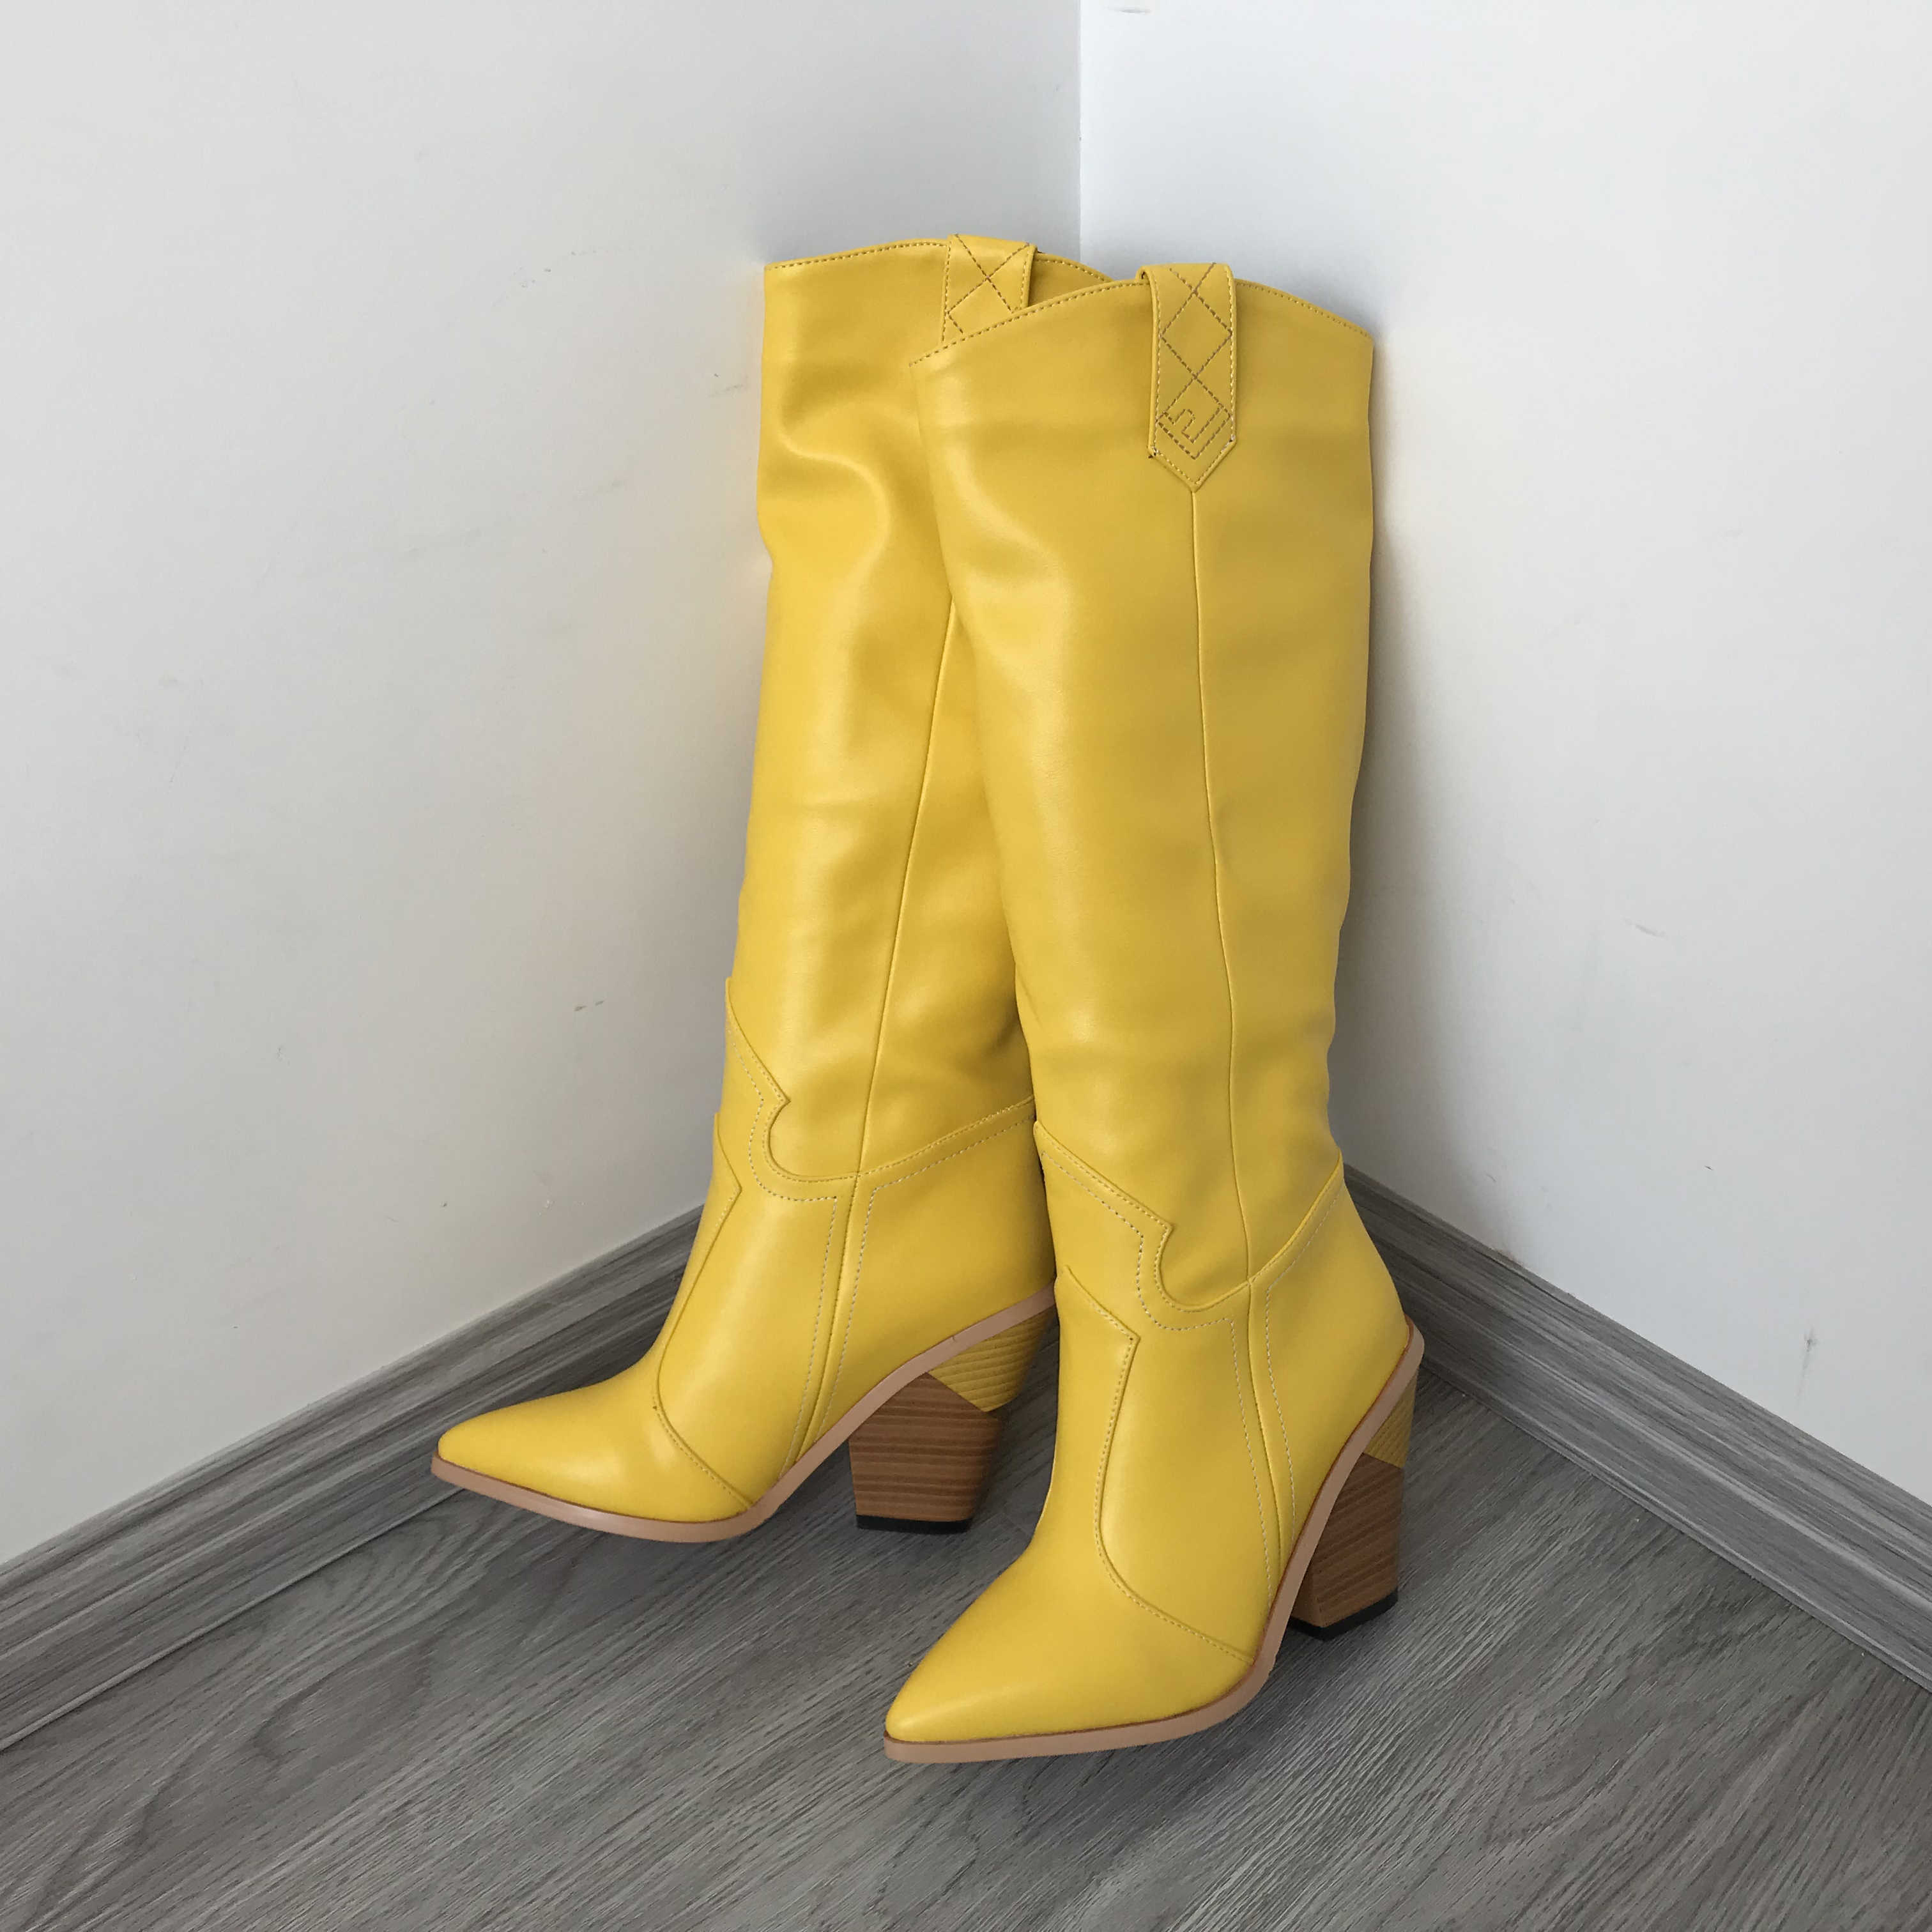 Sarı kırmızı siyah Band tasarımcı kovboy çizmeleri kadınlar için sivri burun kama topuk uzun çizmeler 2019 kış kare topuk Cowgril çizmeler